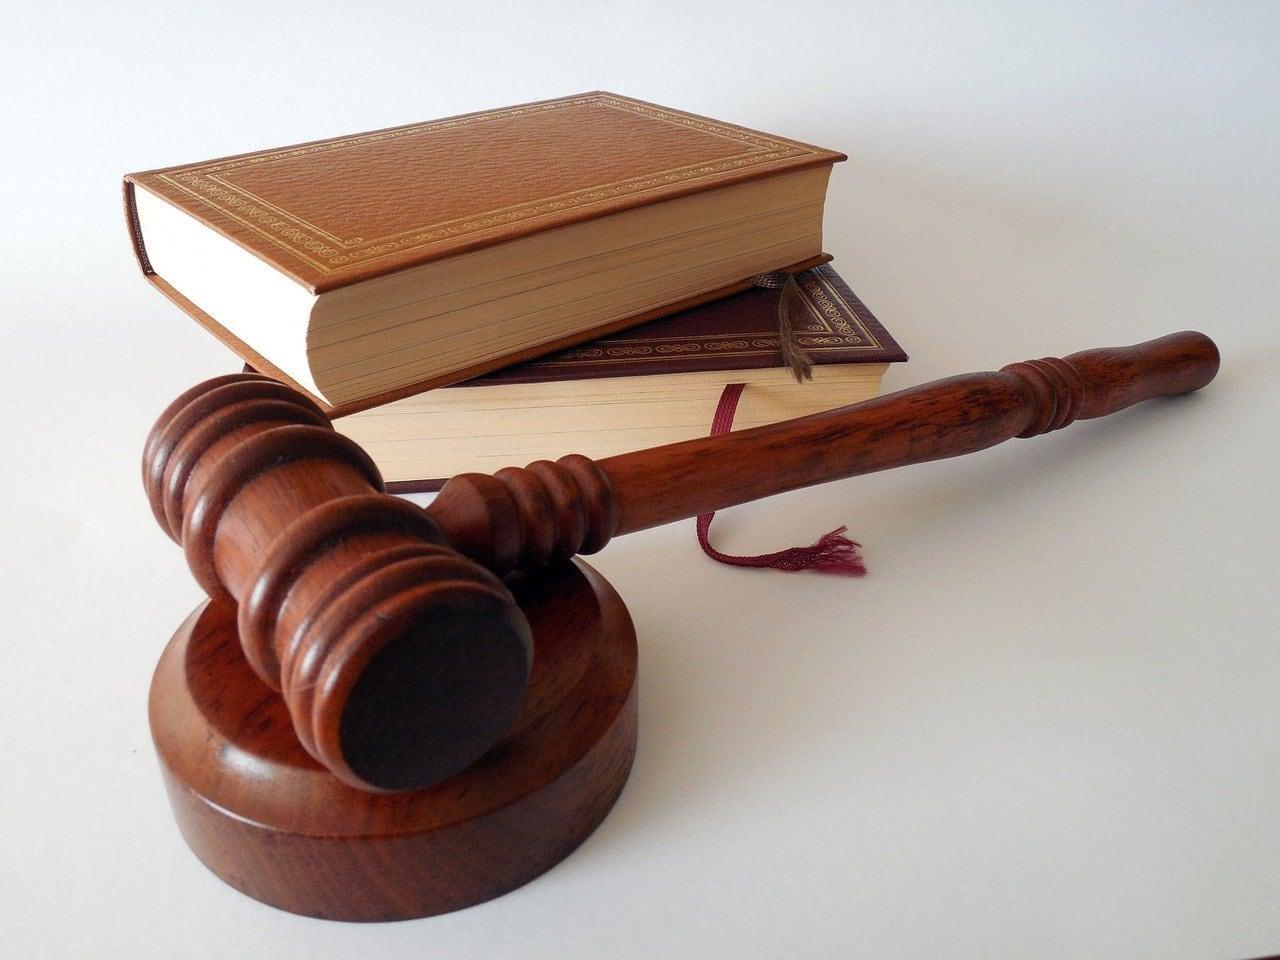 Ilmu Hukum - Jurusan Favorit di UNPAD Bandung dan Paling Banyak Peminat Universitas Padjadjaran